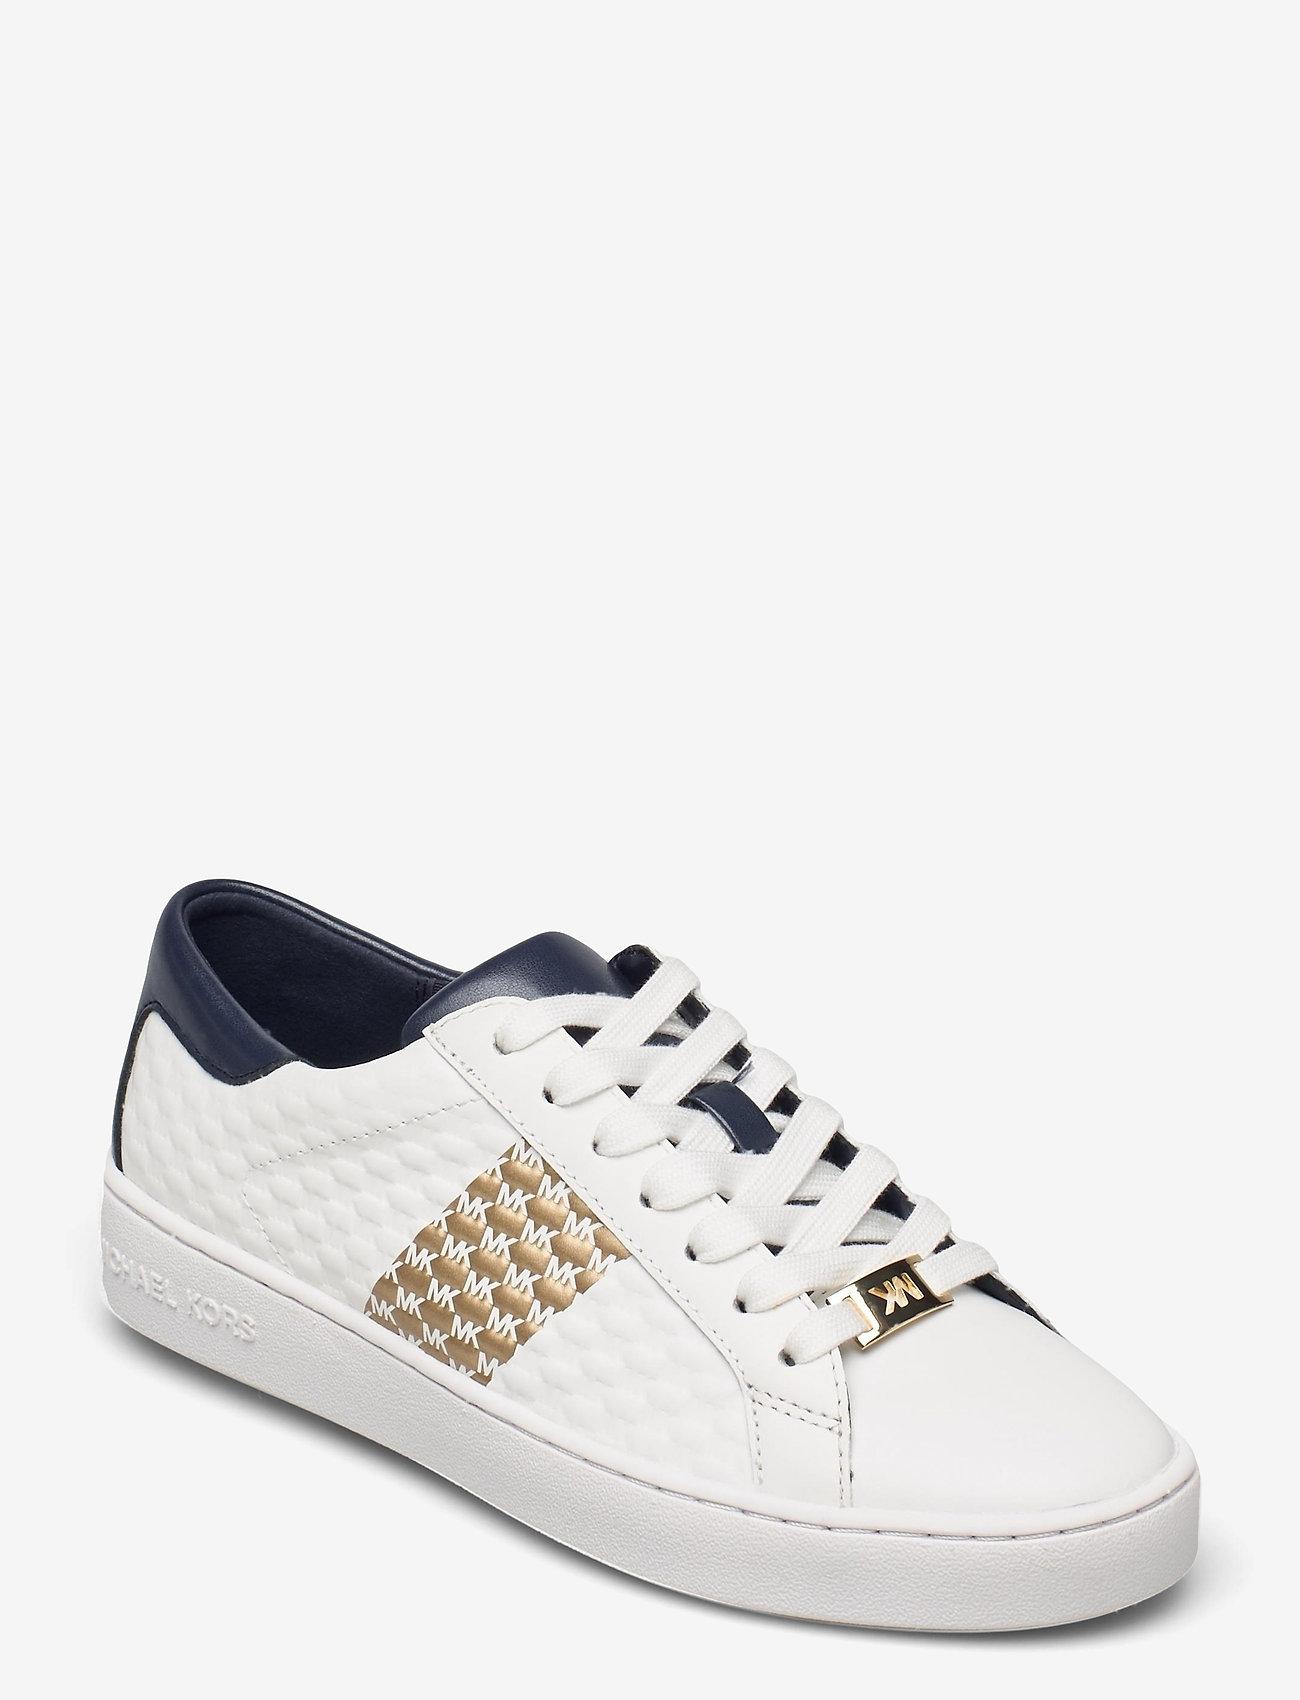 Michael Kors - COLBY SNEAKER - lage sneakers - navy - 0